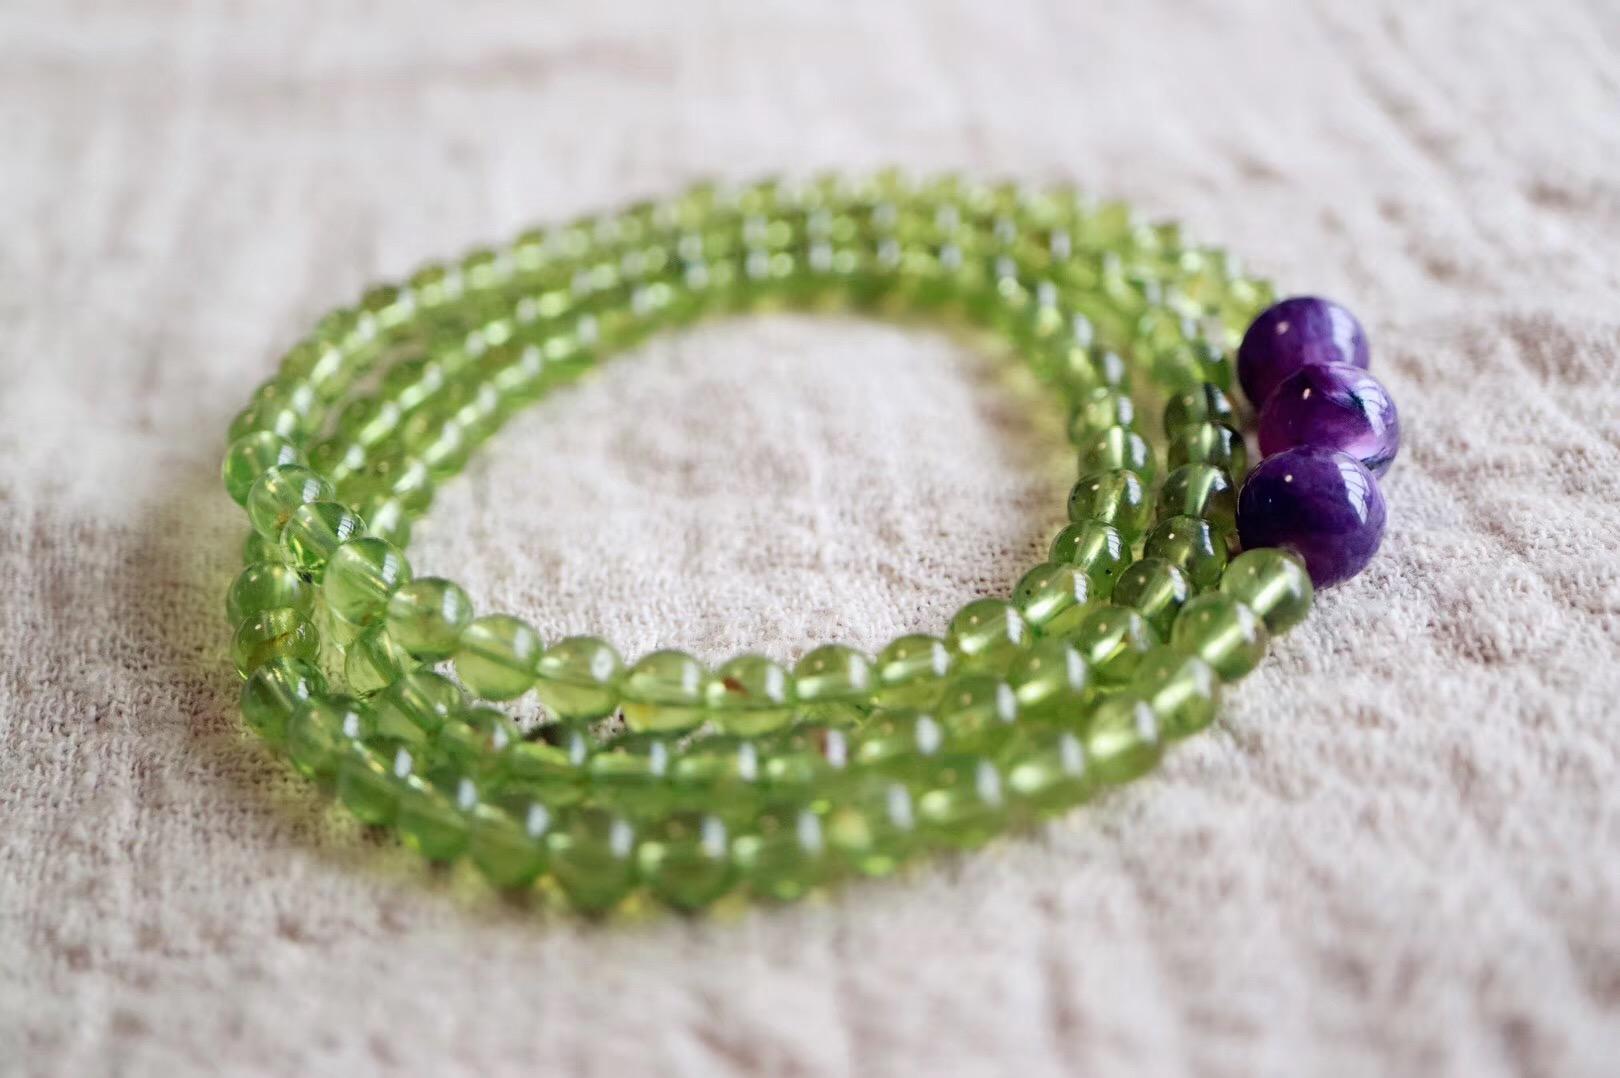 【橄榄石   紫龙晶 】玉化紫龙晶搭配,平添许多灵气的同时竟美得如此和谐-菩心晶舍